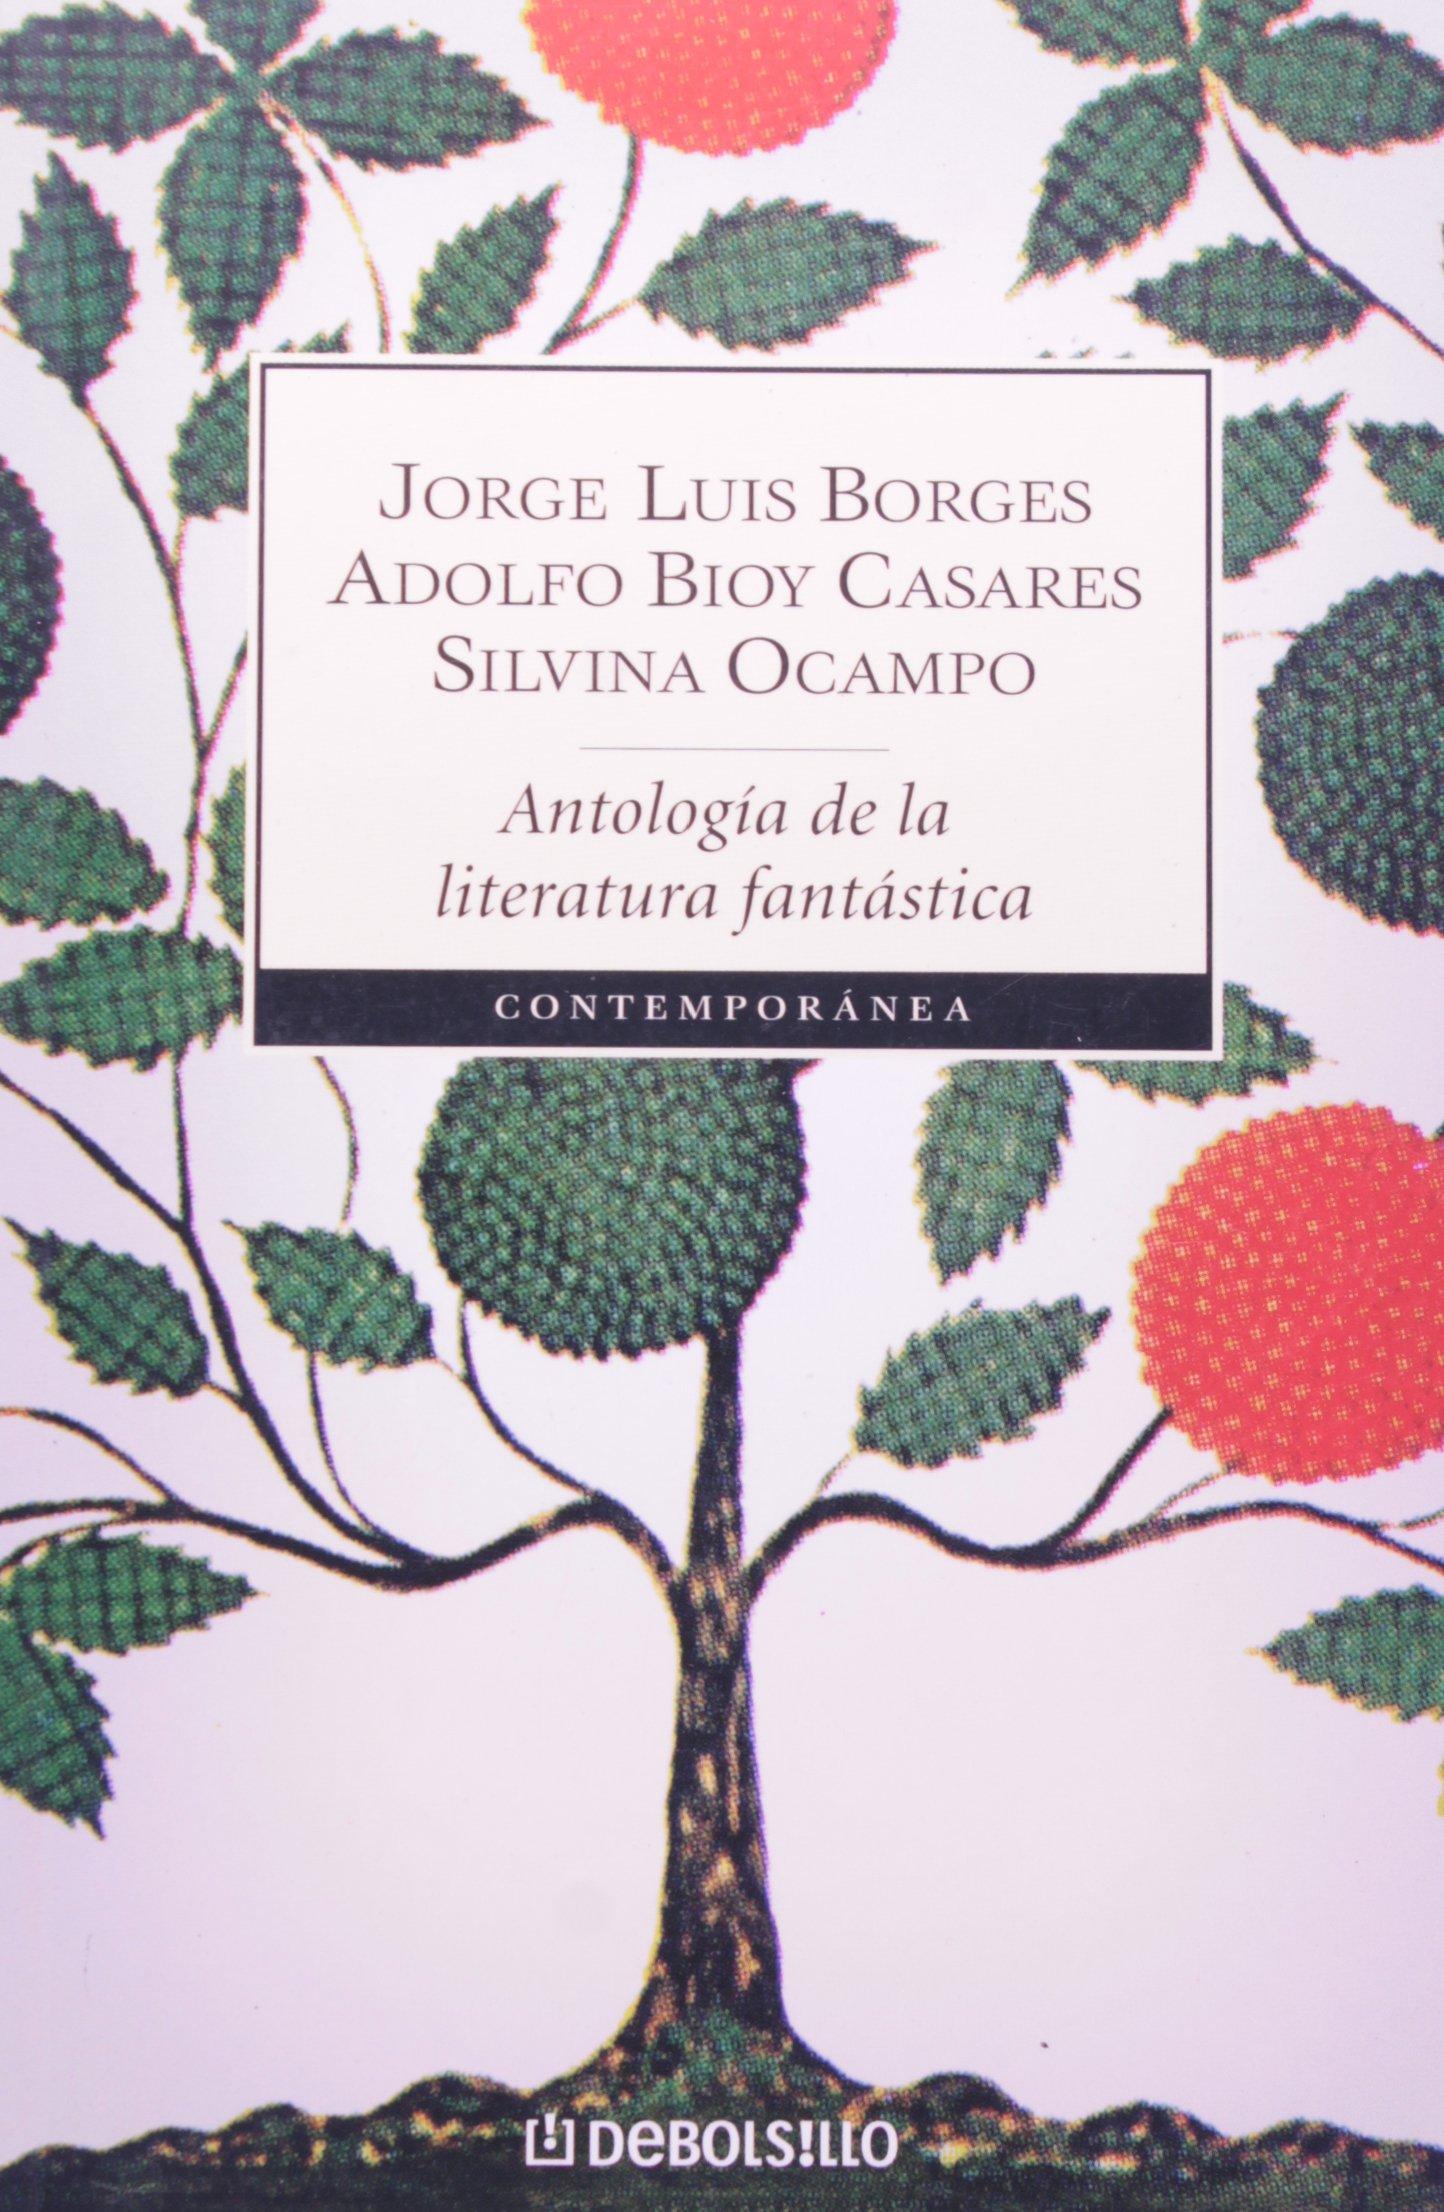 Antología De La Literatura Fantástica Spanish Edition Jorge Luis Borges Adolfo Bioy Casares 9789875662445 Books